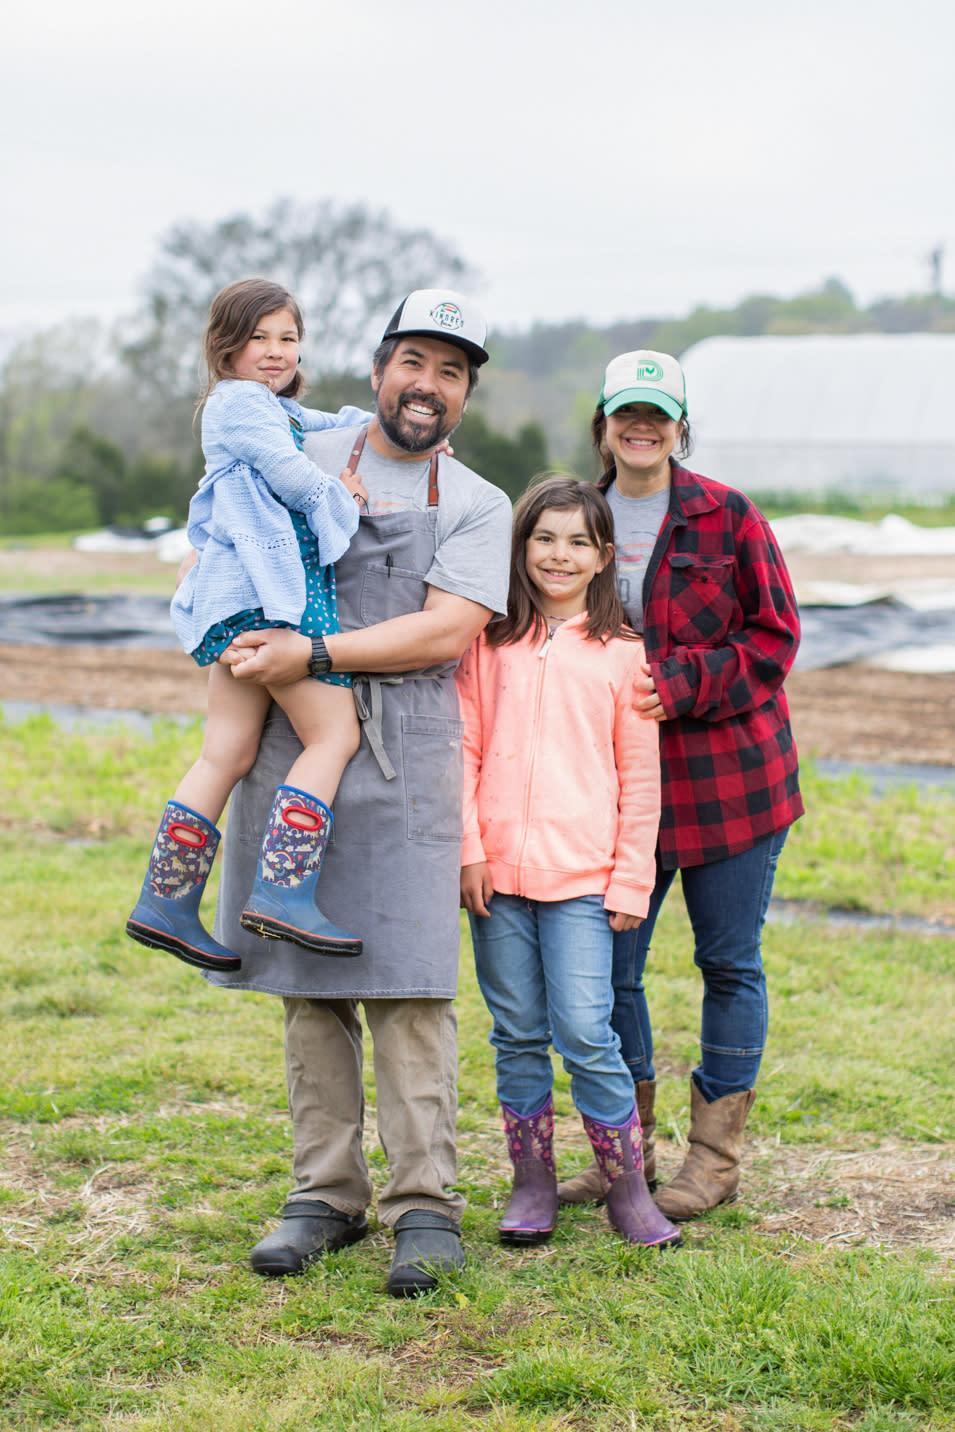 Steven & Christine Bailey - The Kindred Farm